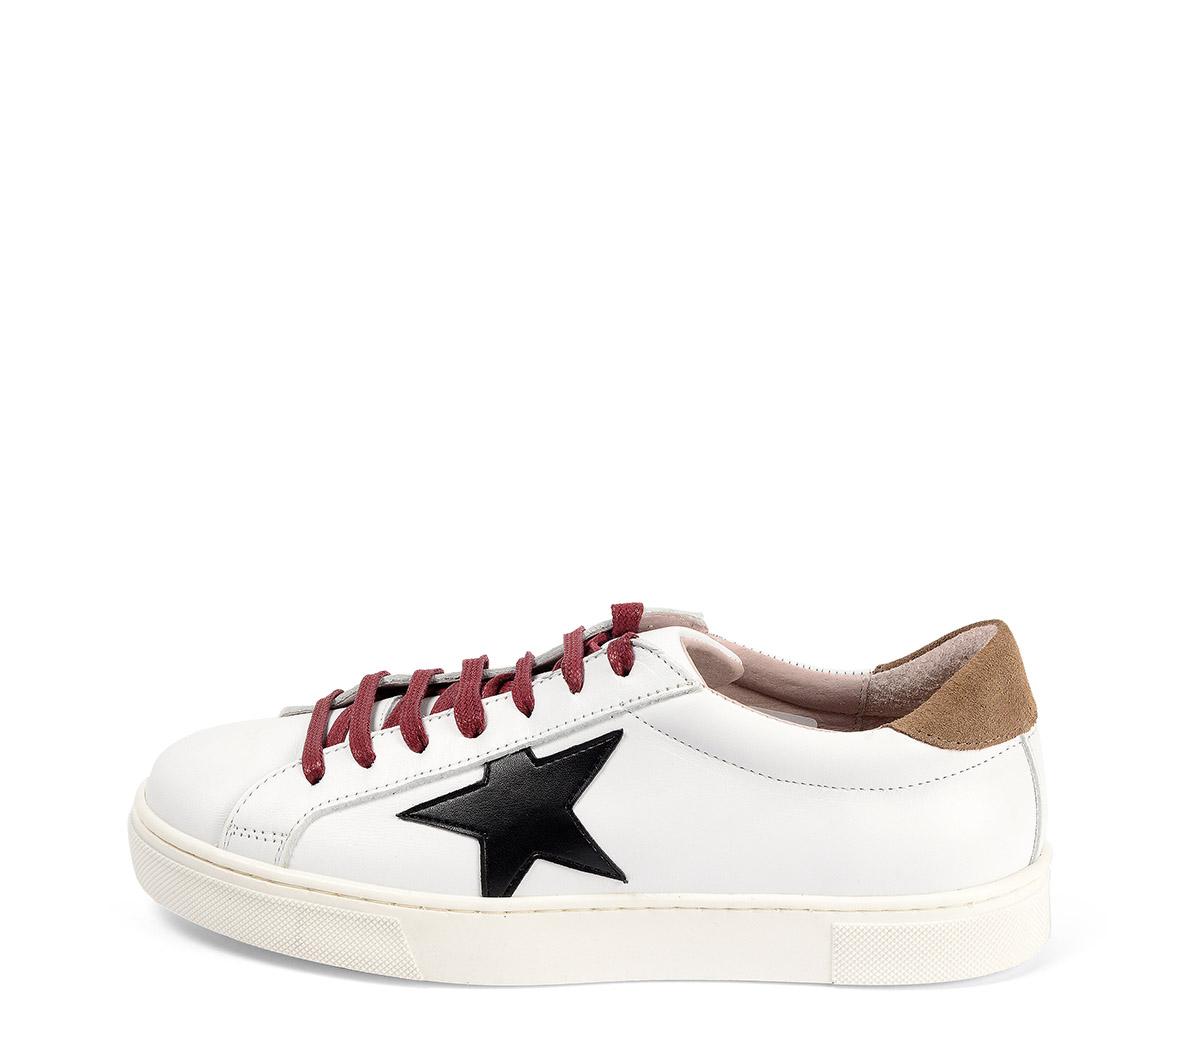 Ref. 3813 Sneaker piel blanco con detalle estrella lateral piel negra. Detalle trasero en serraje visón. Cordones color burdeos. Altura plataforma 3 cm.